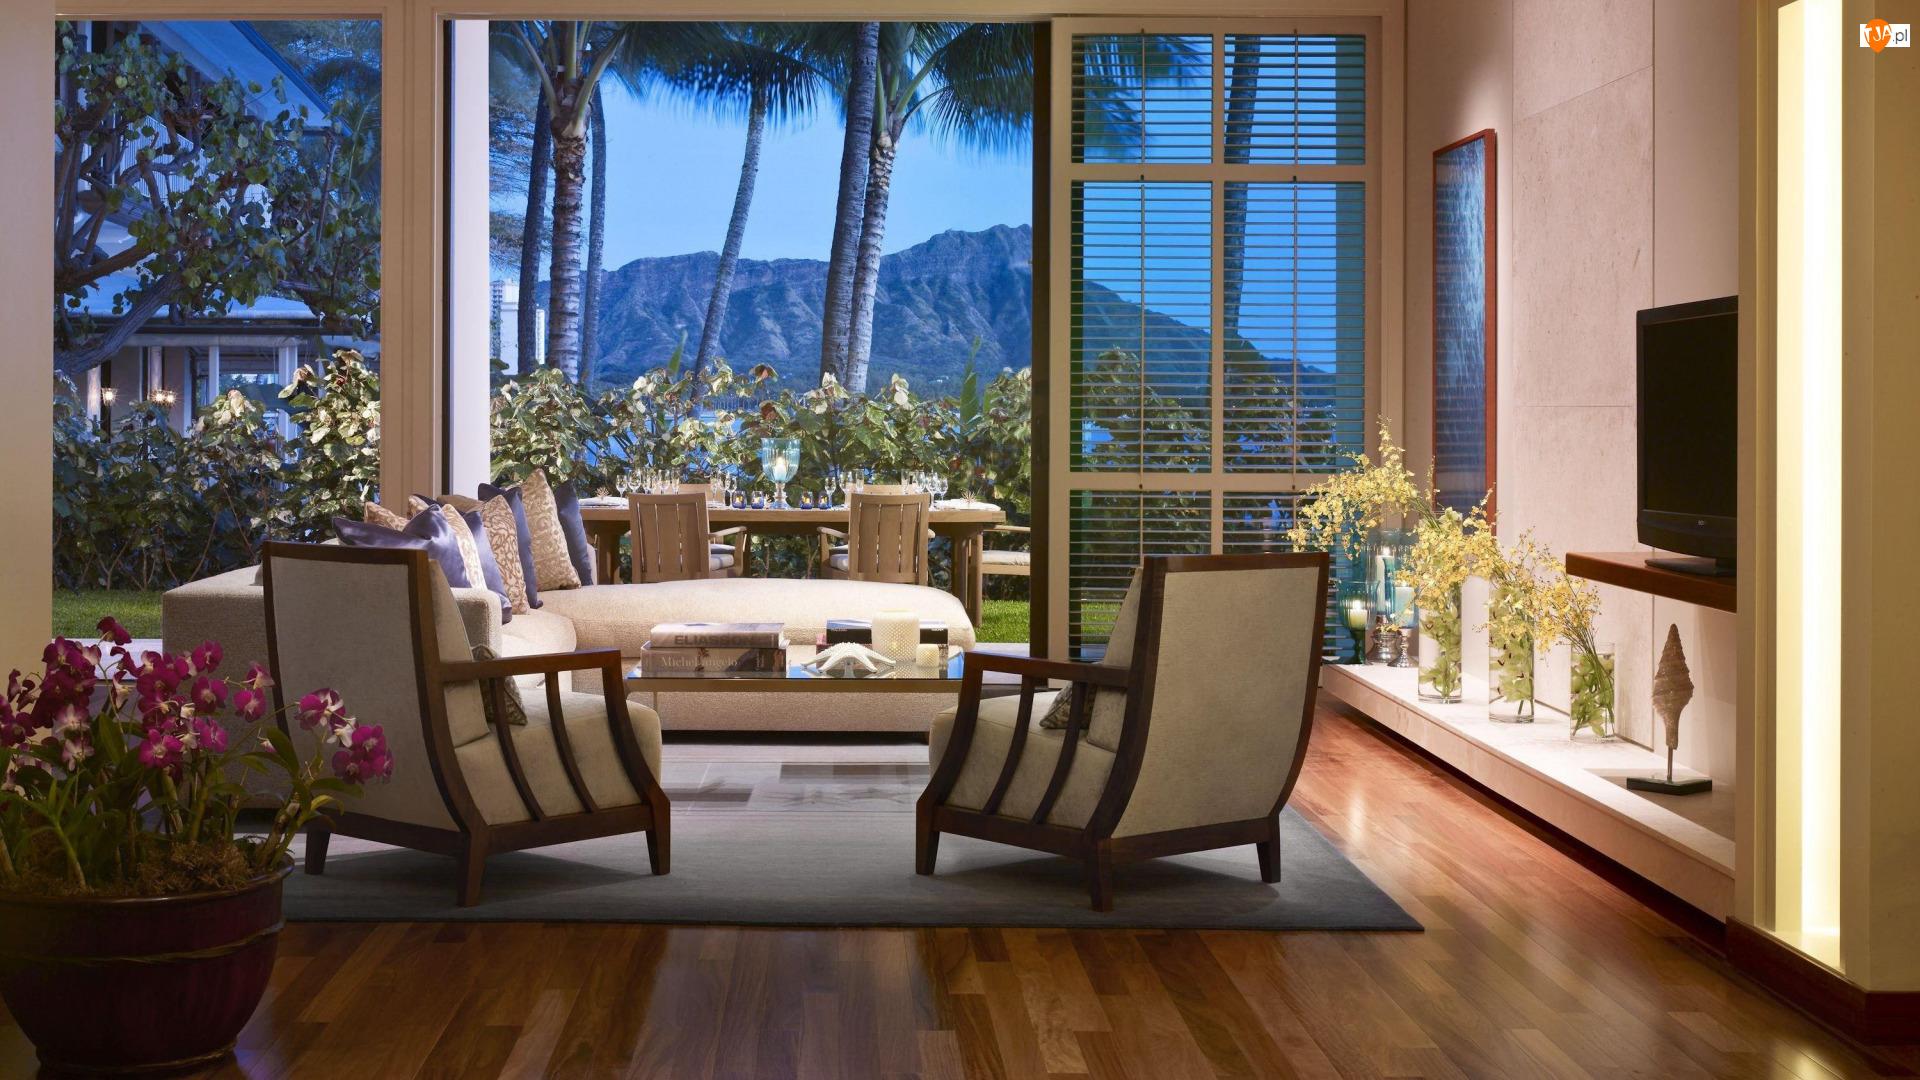 Pokój, Hotel Halekulani, Stany Zjednoczone, Wakacje, Hawaje, Wyspa Oahu, Honolulu